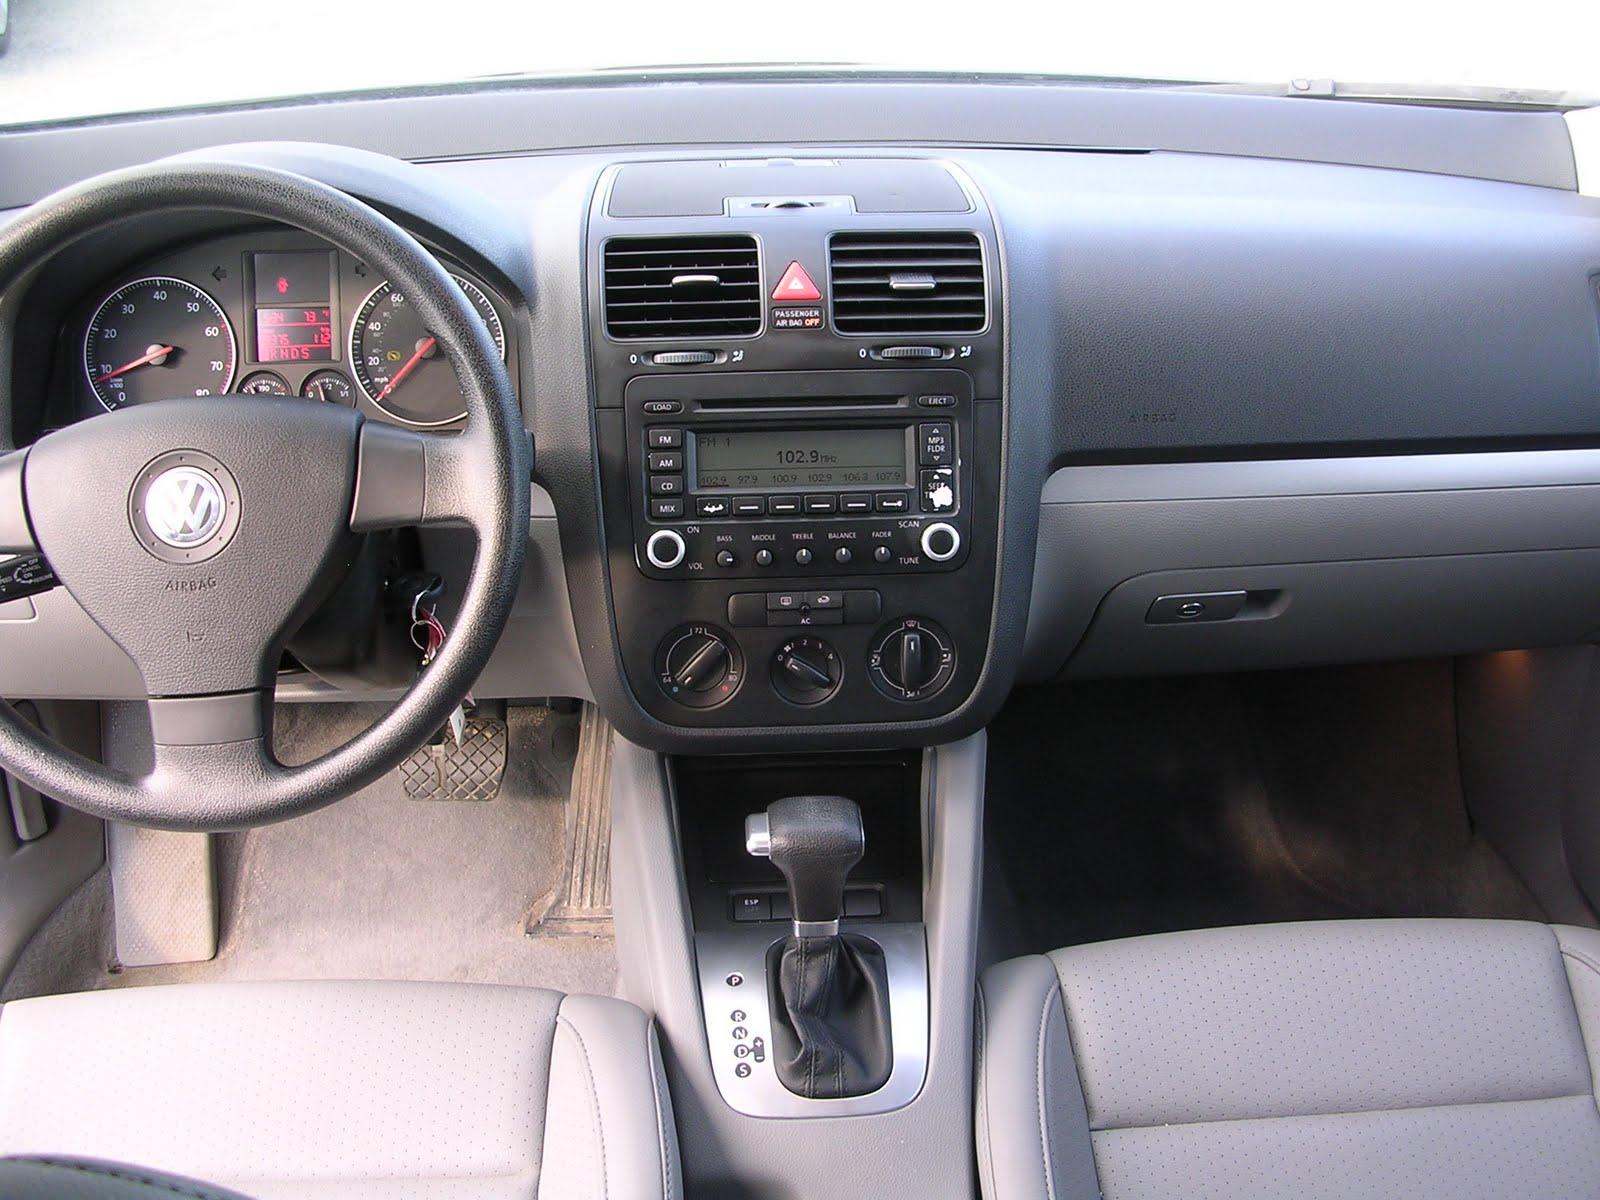 2006 volkswagen jetta 13 volkswagen jetta 13